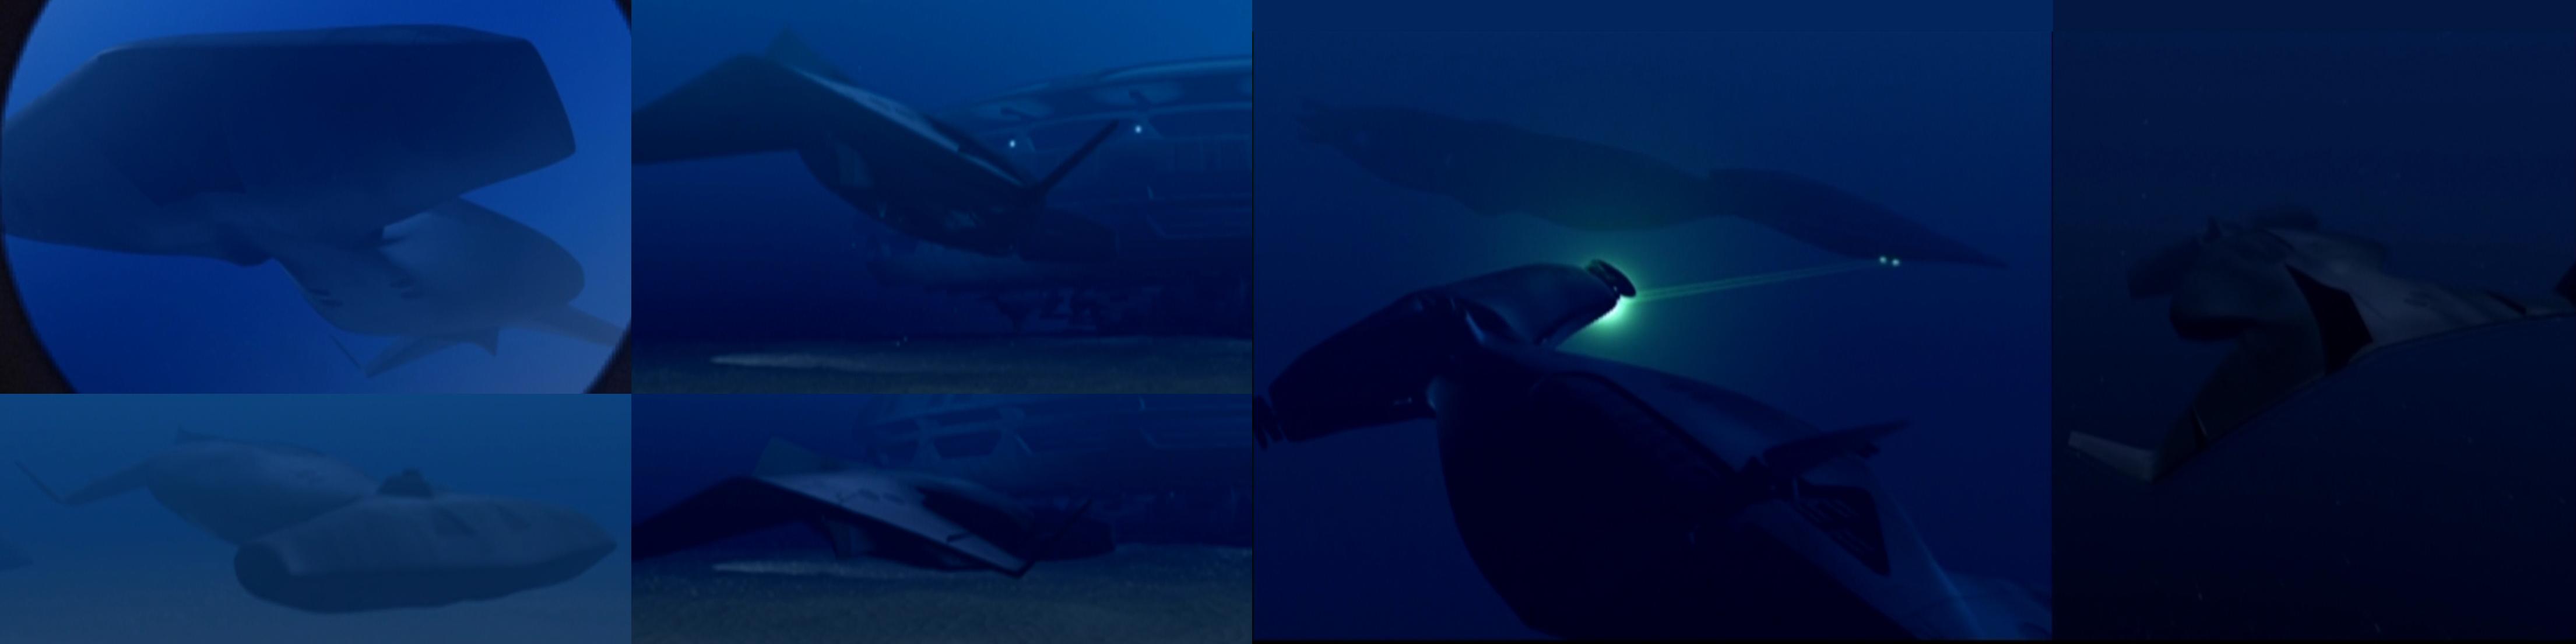 подводная лодка сиквест